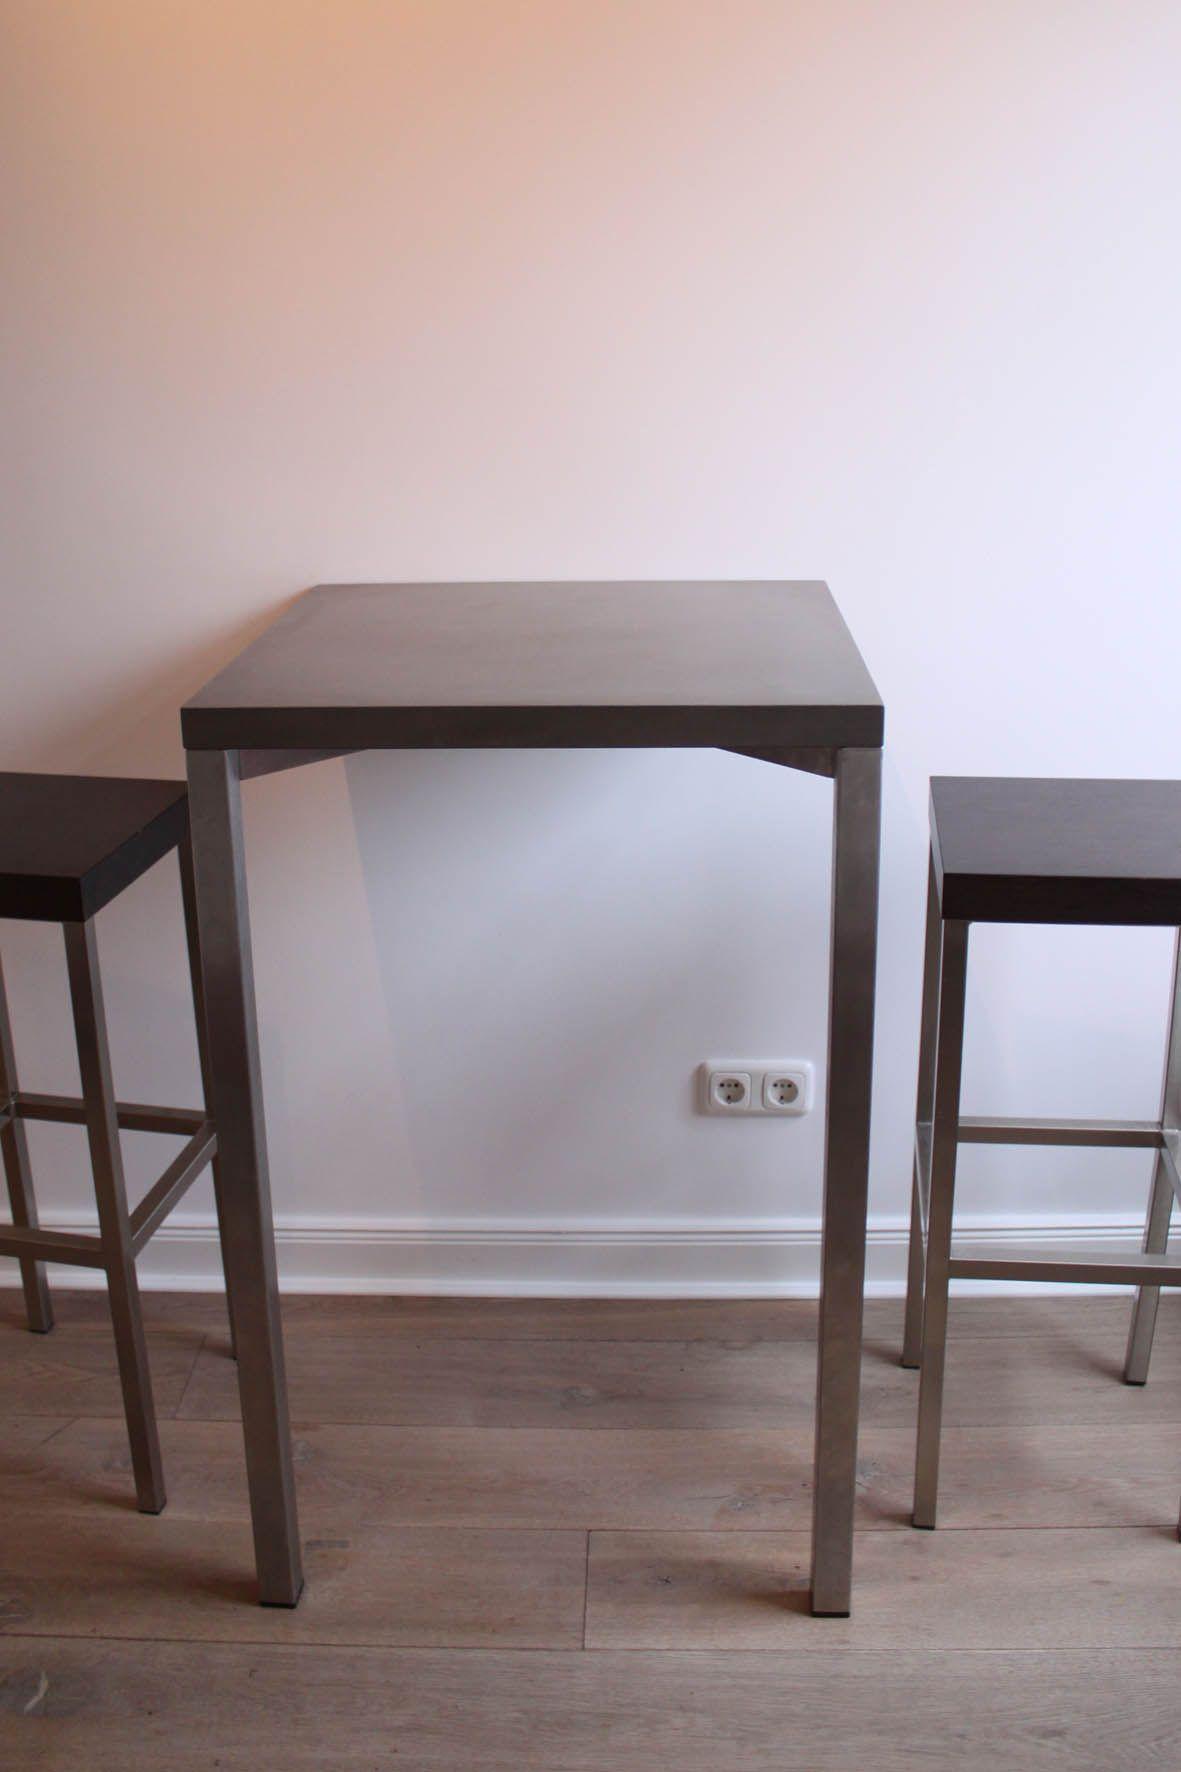 ein schicker stehtisch aus edelstahlgestell mit sch ner. Black Bedroom Furniture Sets. Home Design Ideas